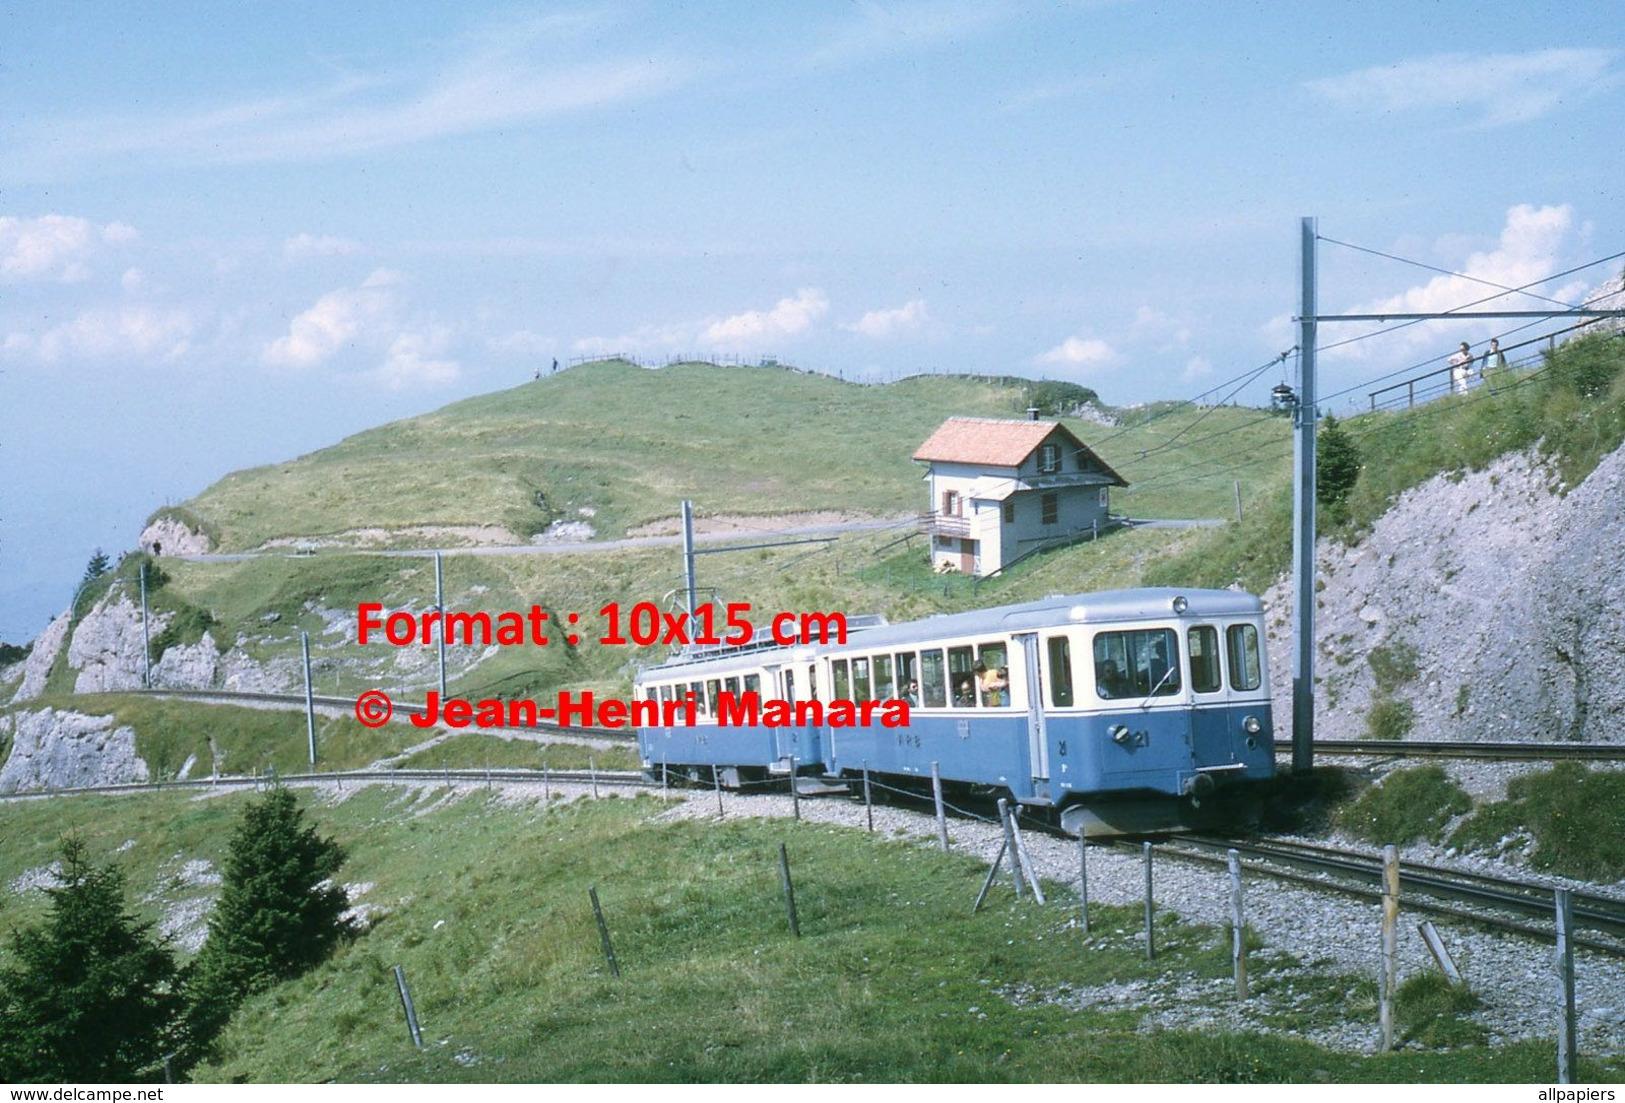 Reproduction D'unePhotographie D'un Train ARB Chemin De Fer à Crémaillère à Rigi En Suisse En 1972 - Repro's